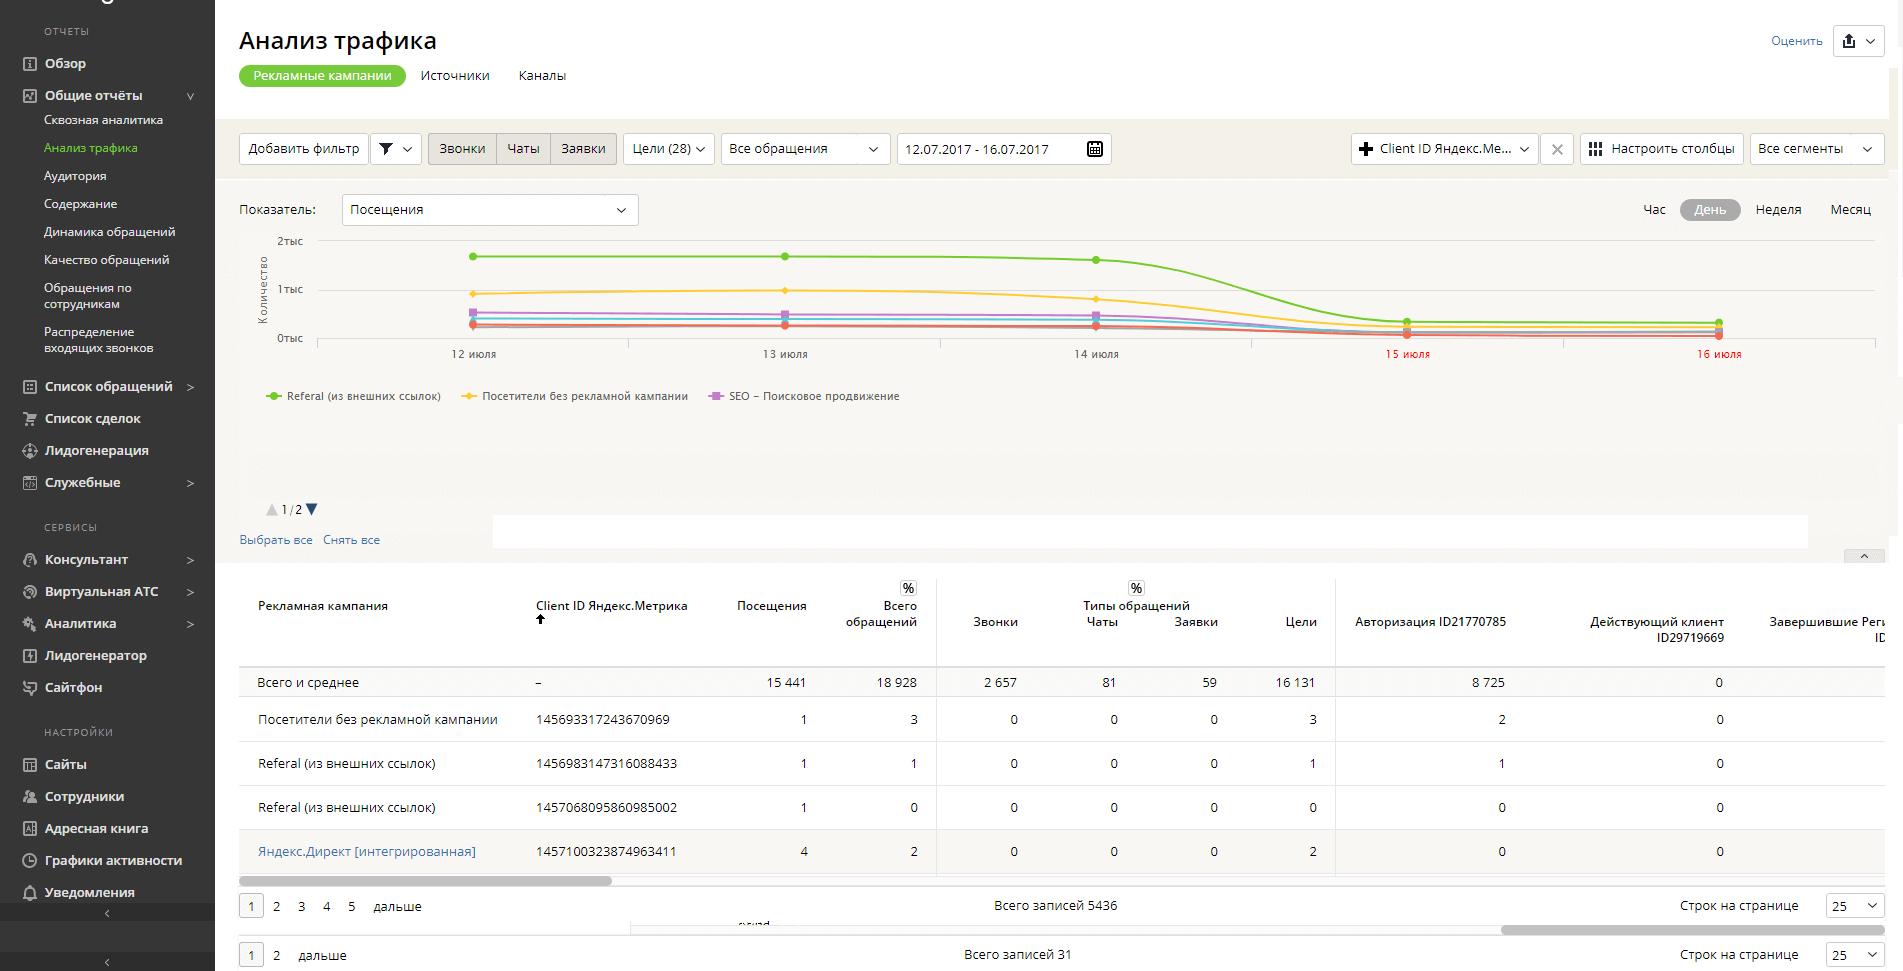 Как сделать отчет по метрике